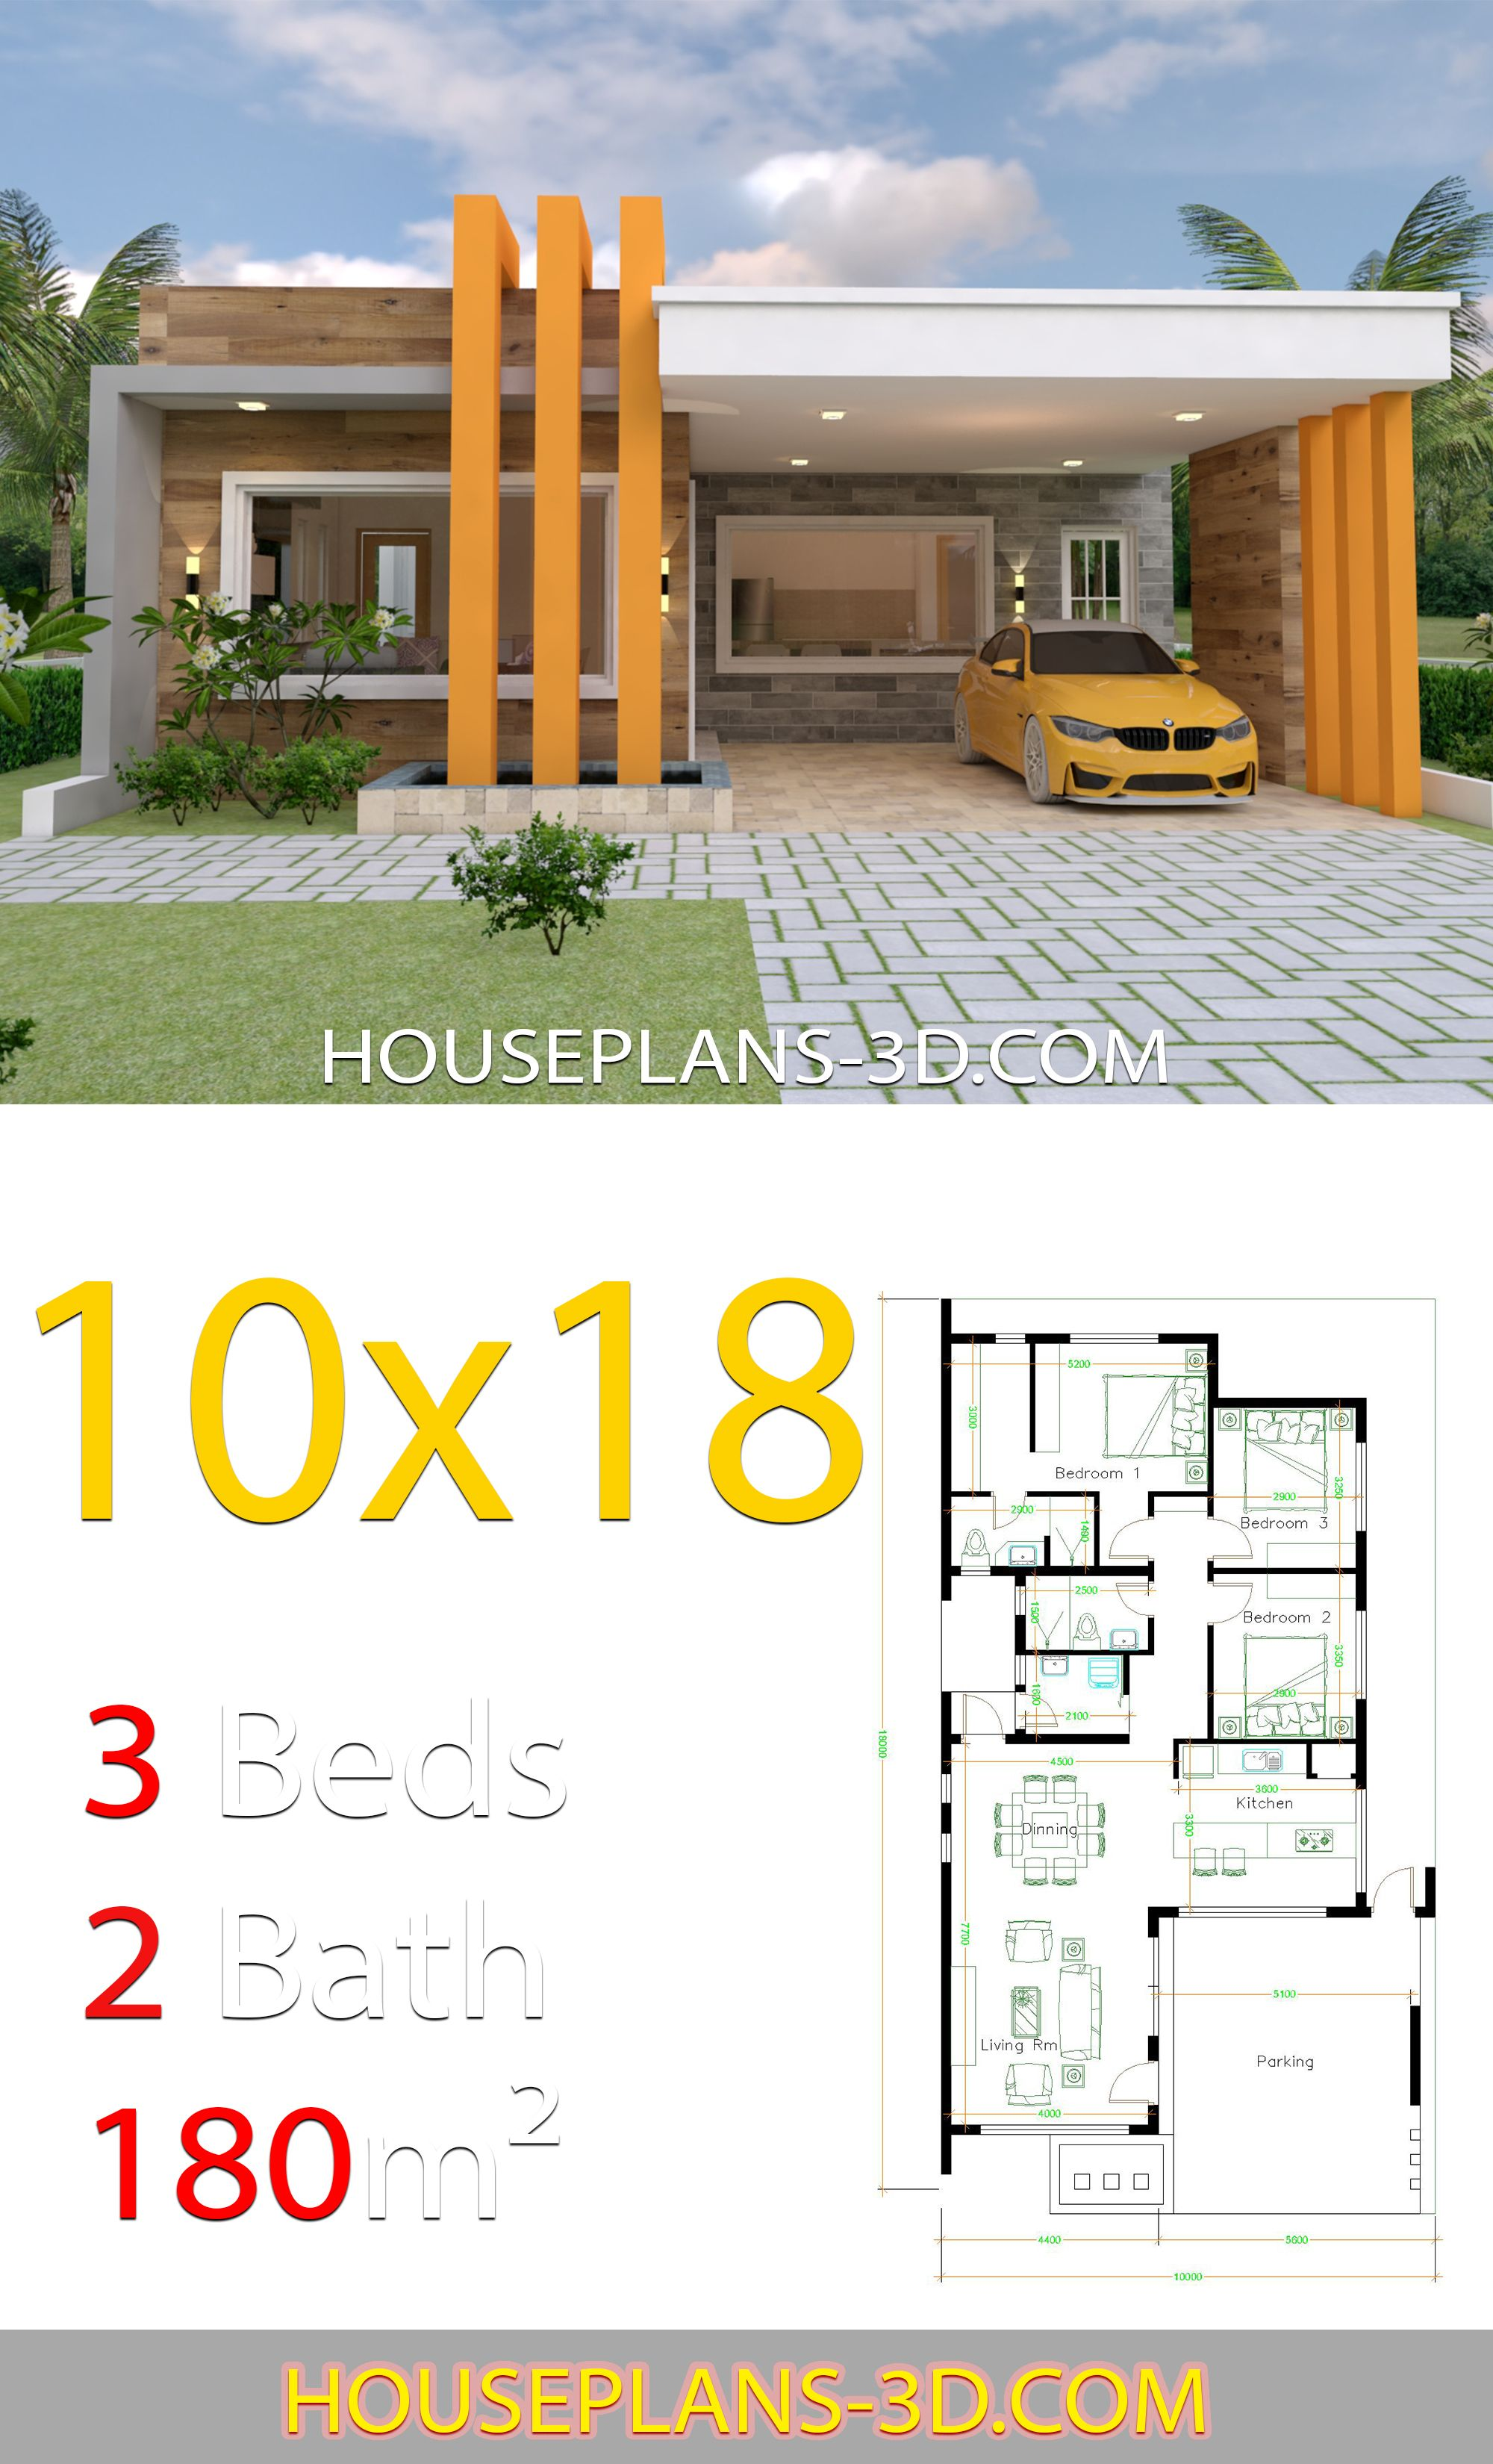 House Design 10x18 With 3 Bedrooms Terrace Roof House Plans 3d Fachadas De Casas Terreas Projetos De Casas Pequenas Projectos De Casas